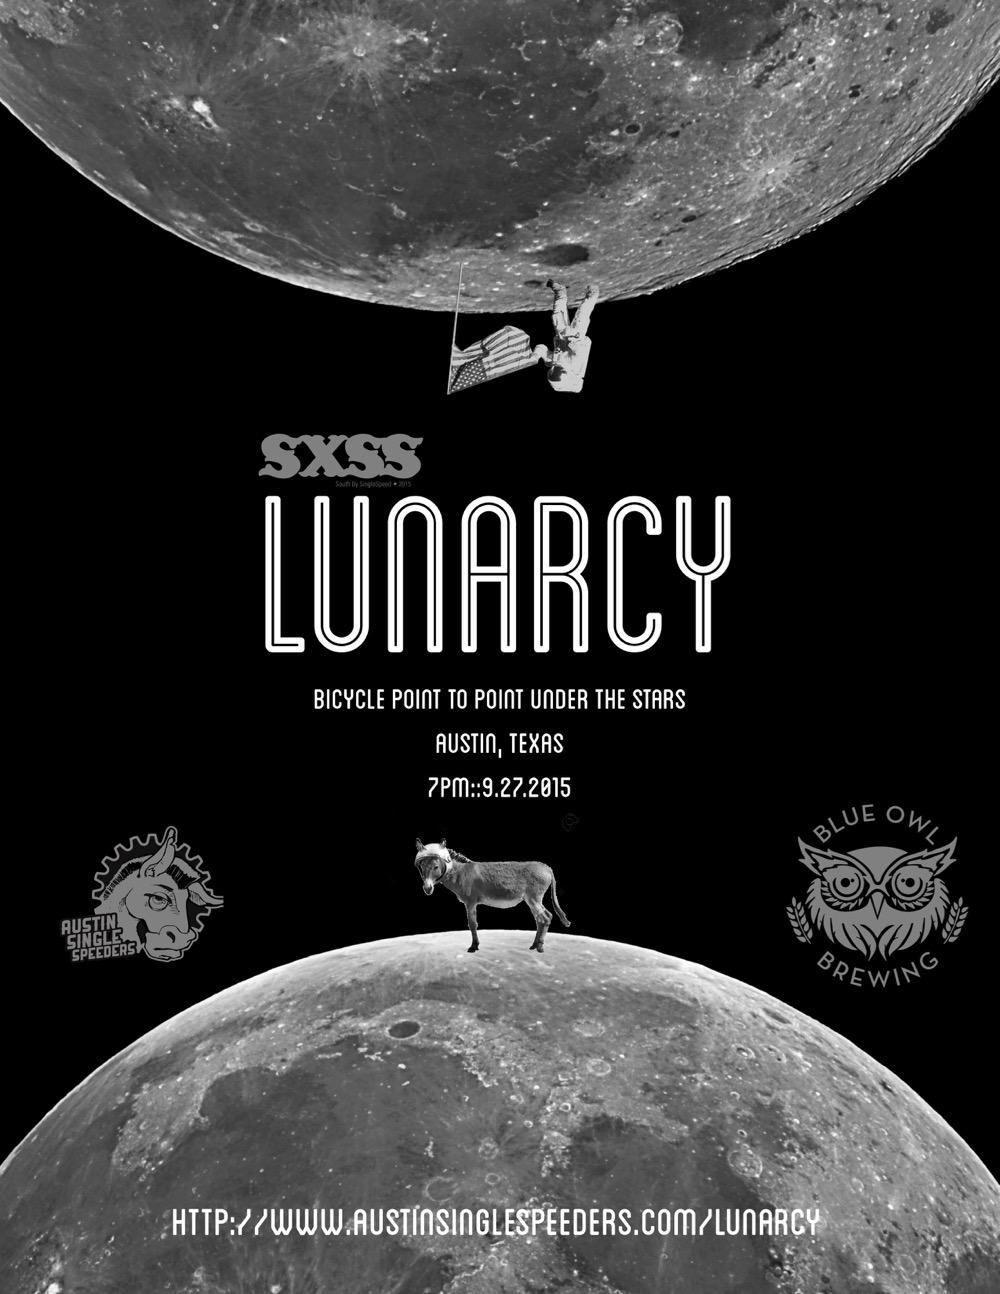 LUNARCYv3 (1)